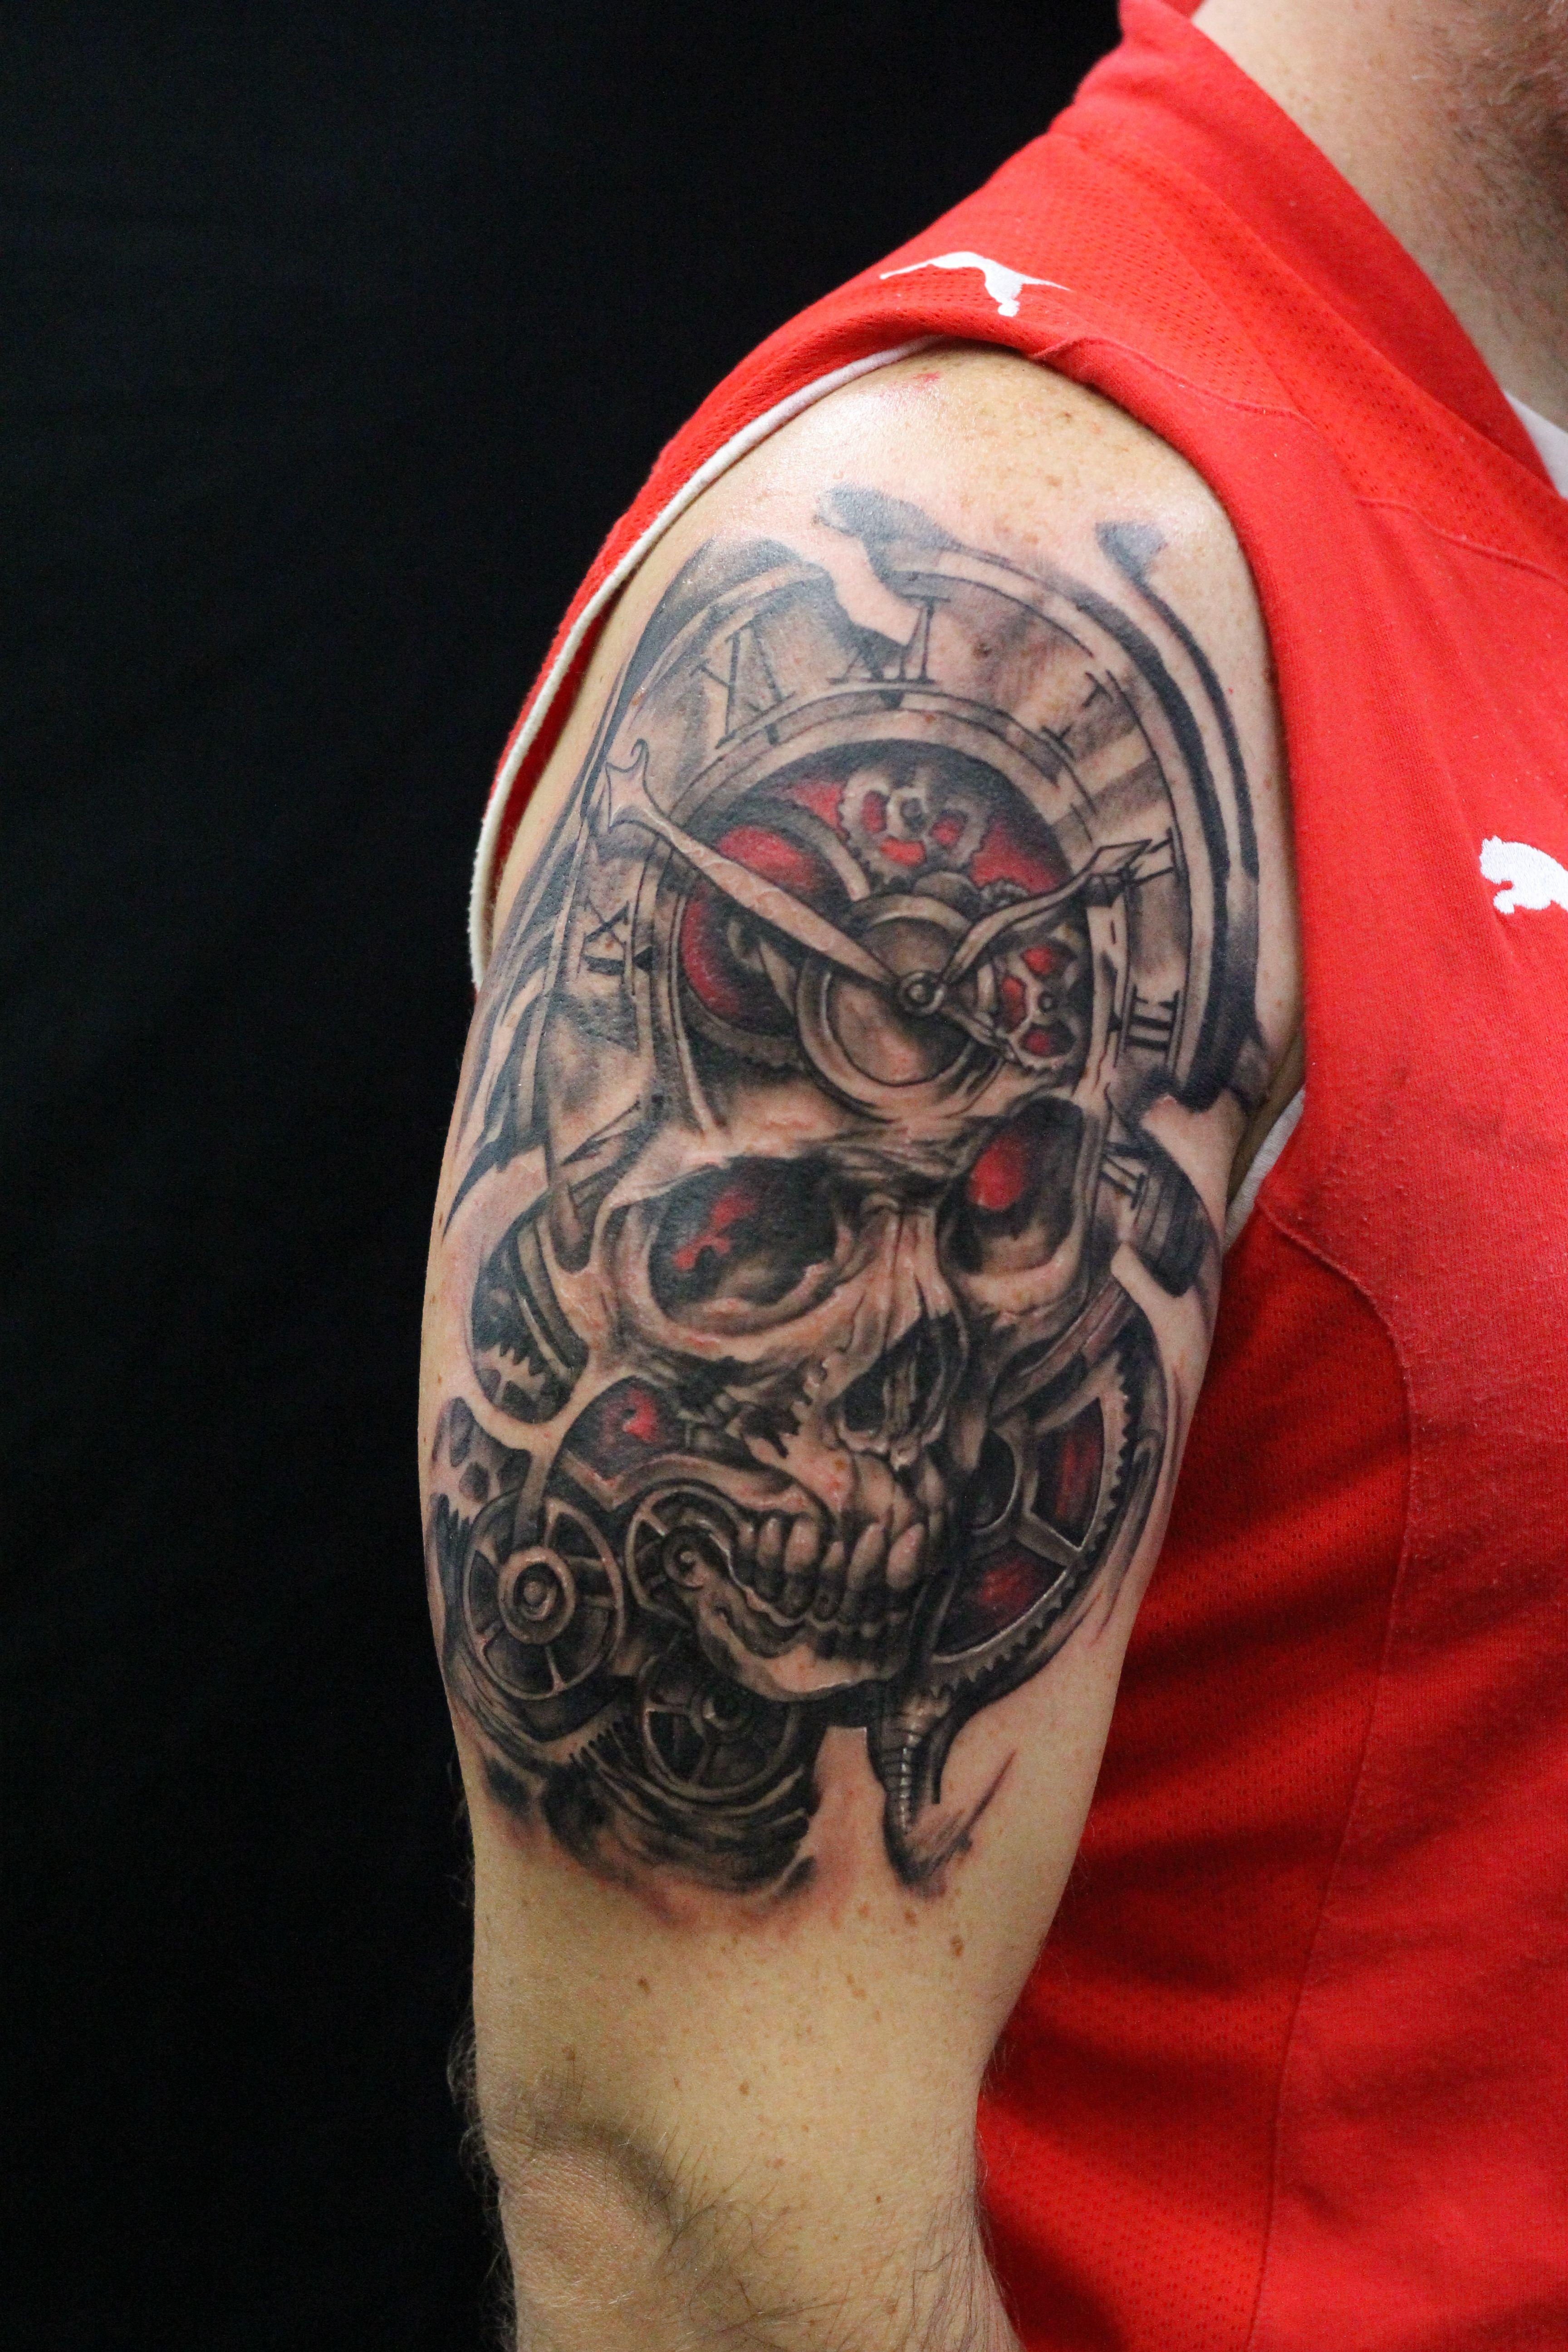 Tattoo Realistic Tattoo Skull Black And Grey Red Arm Tattoo